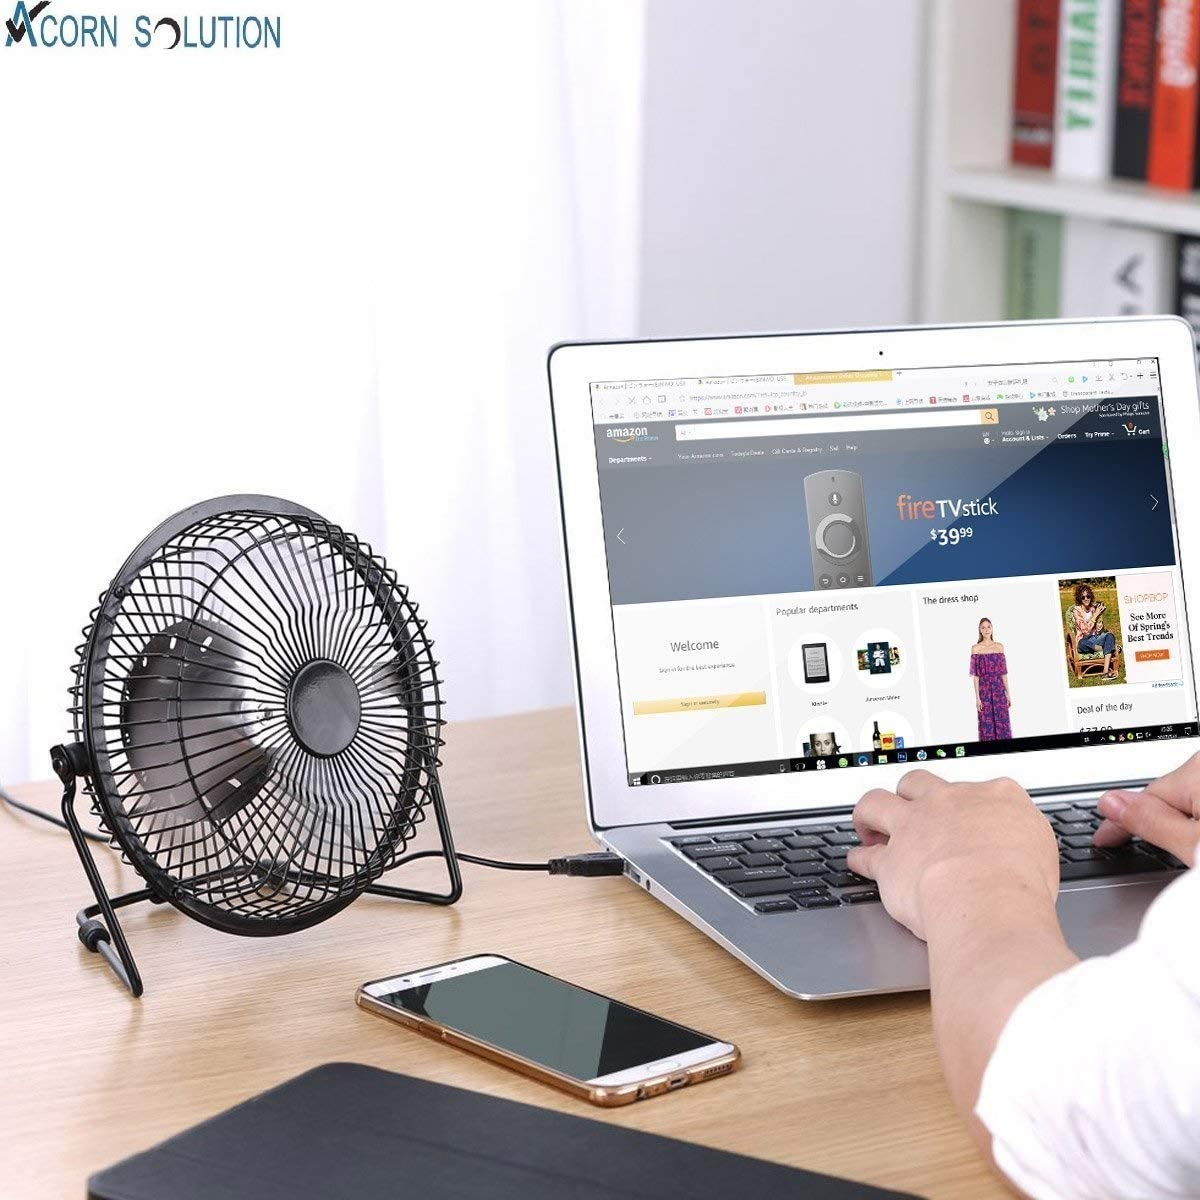 4-USB AcornSolution Ventilatore elettrico oscillante a 3 velocit/à bianco